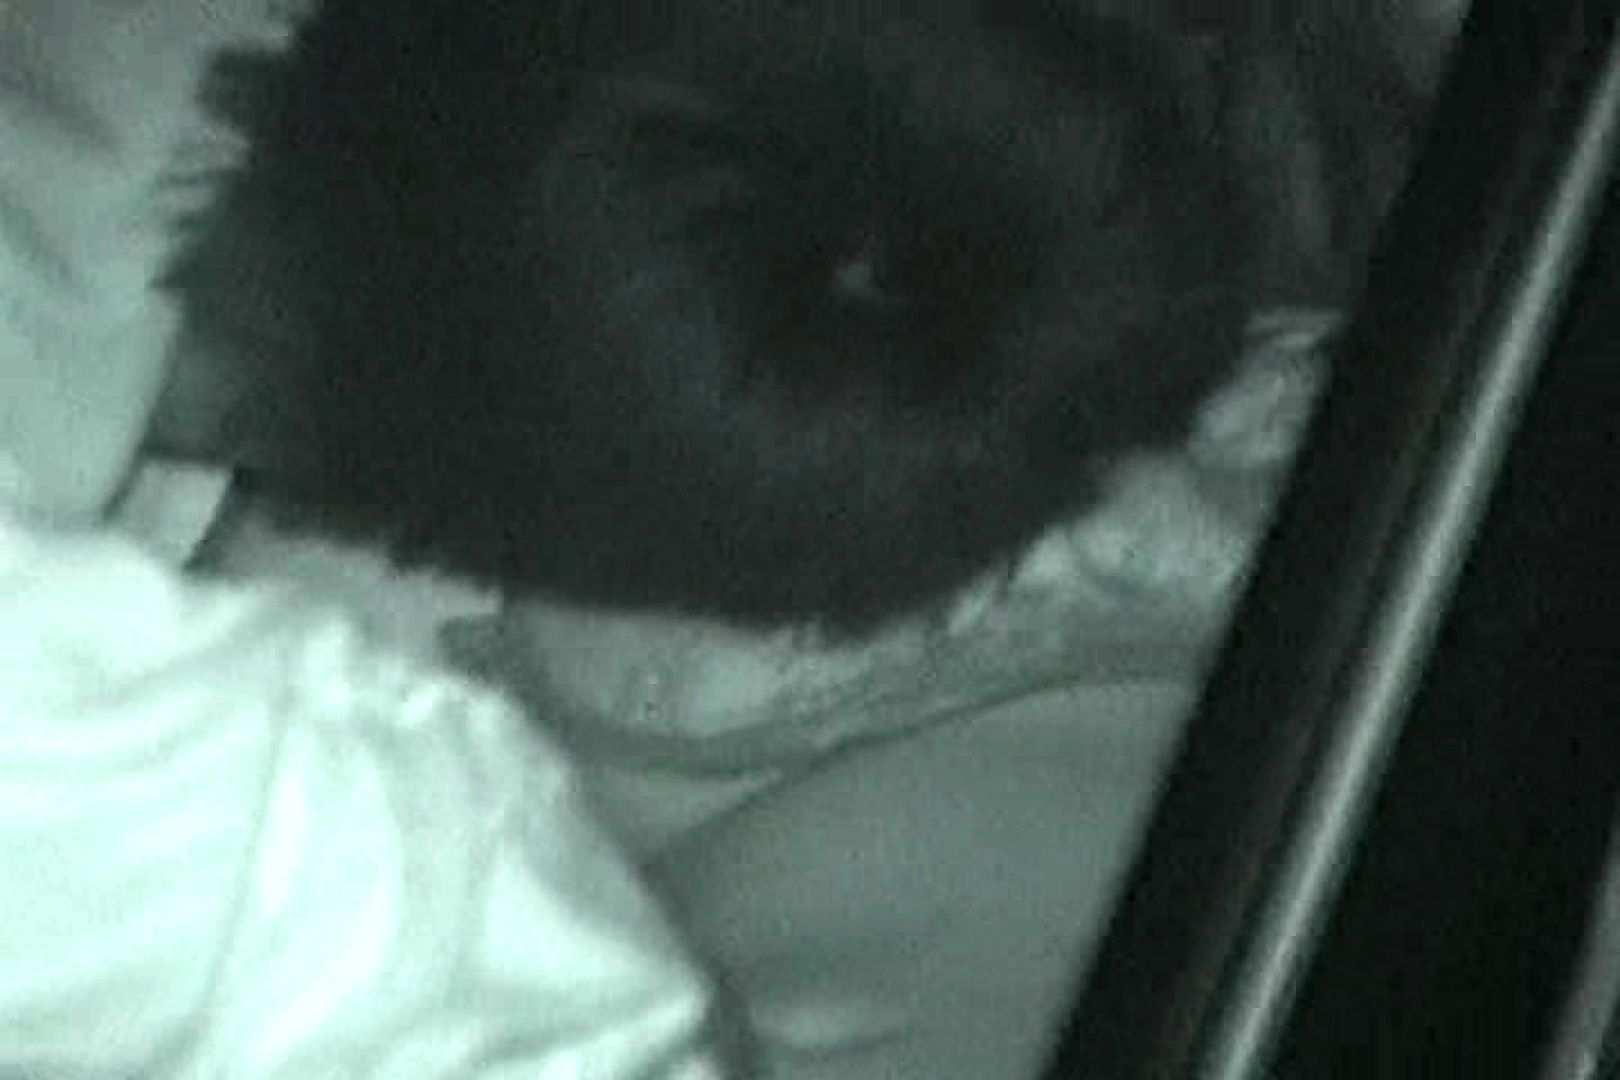 充血監督の深夜の運動会Vol.103 OLの実態 覗き性交動画流出 92pic 70